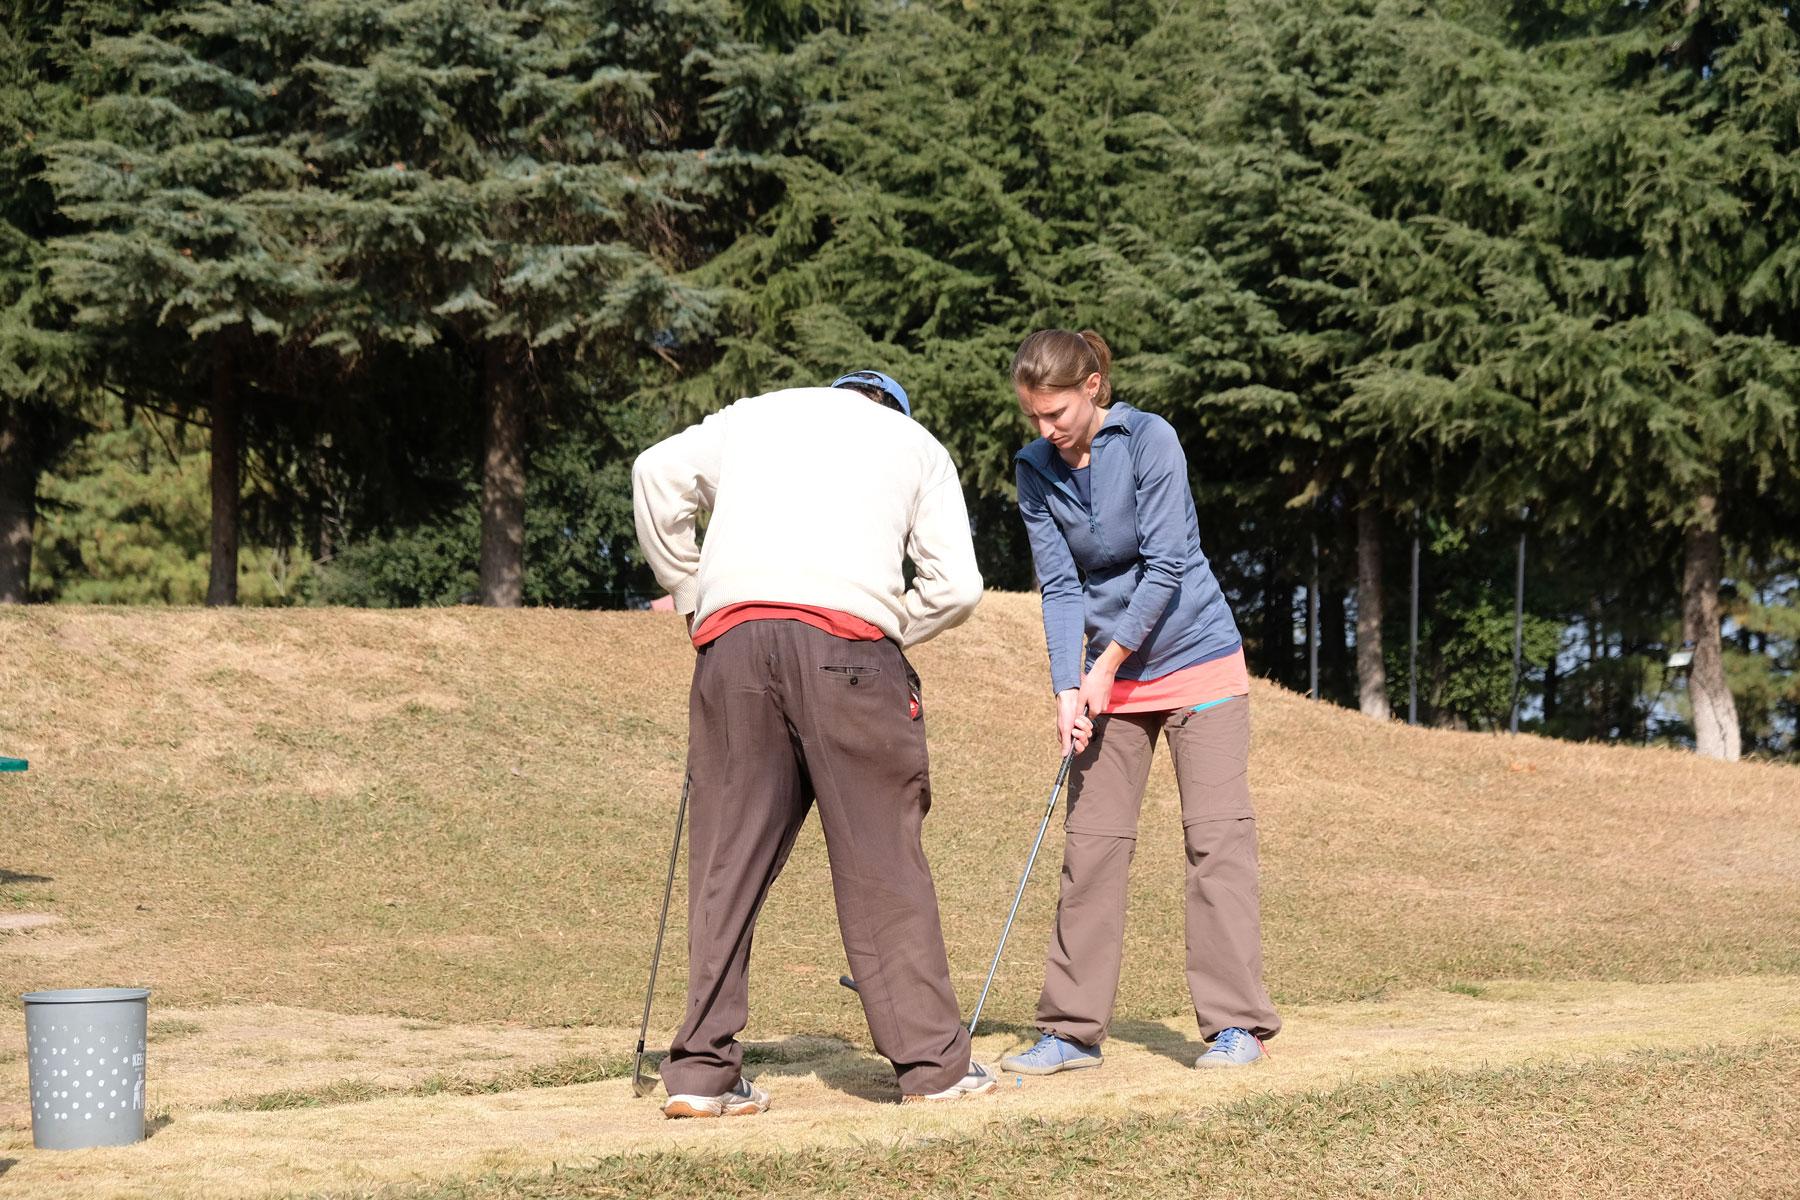 Leo übt golfen mit einem Golflehrer.